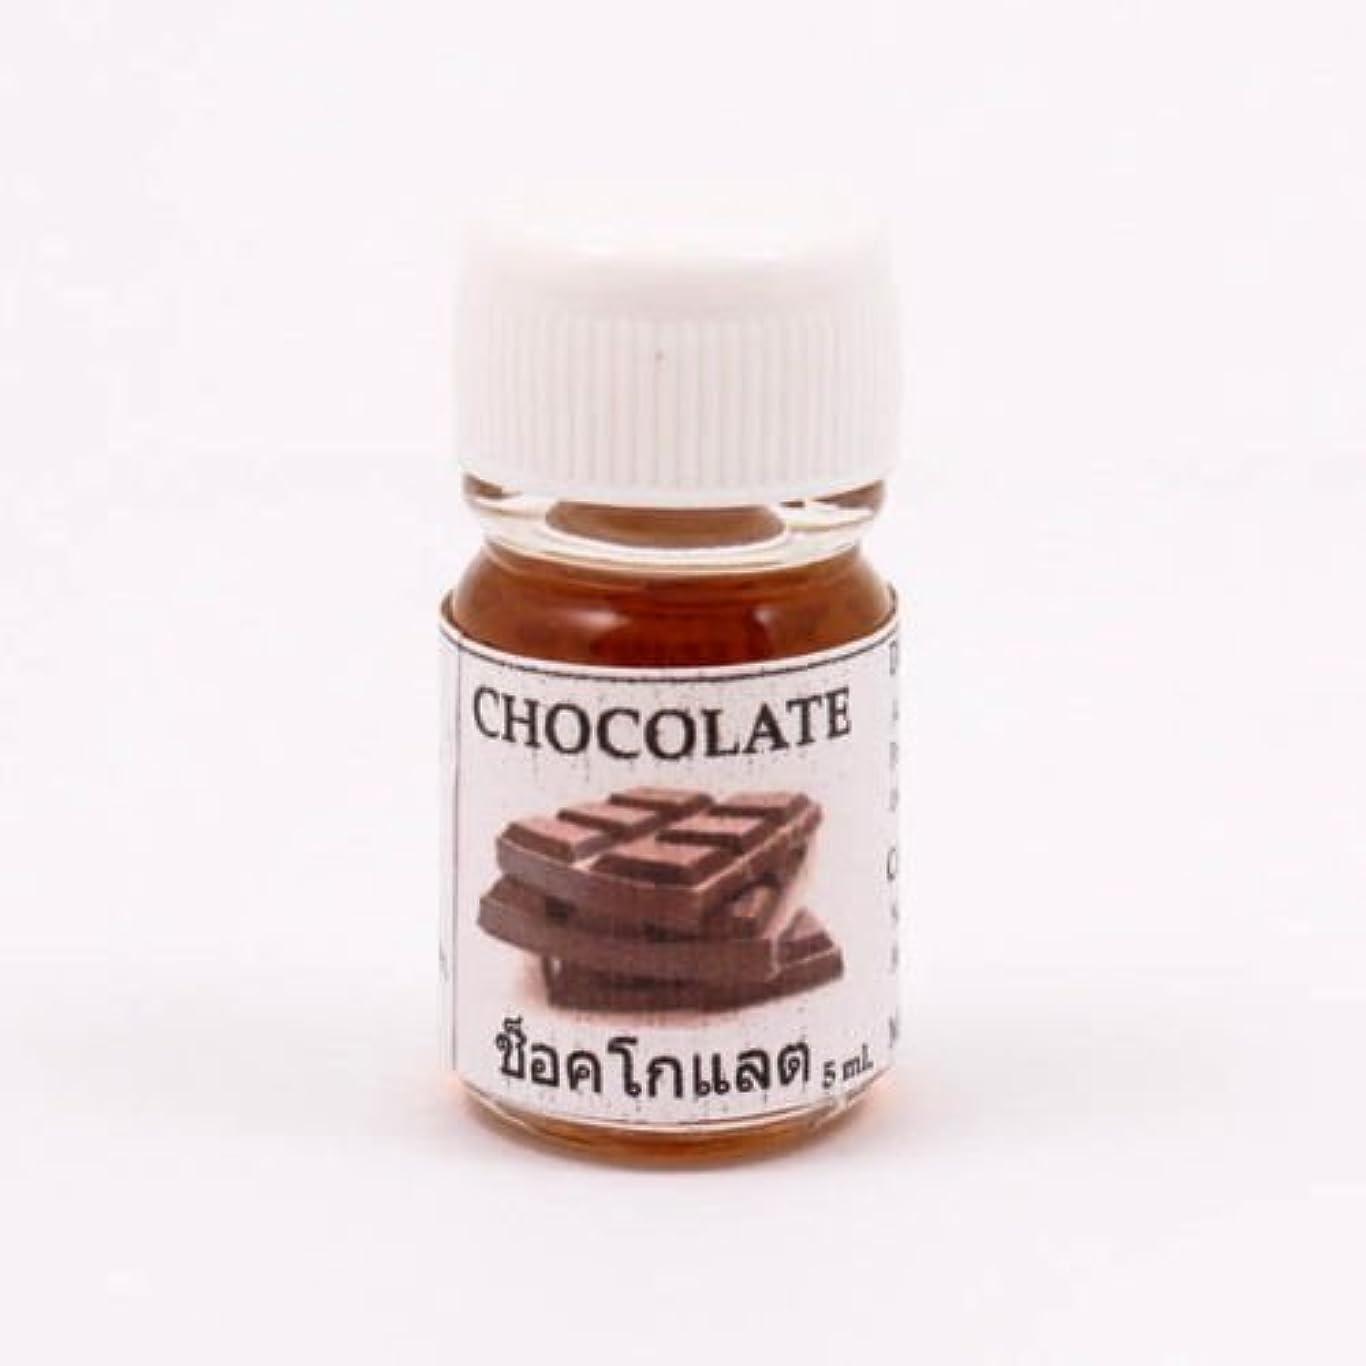 ファーザーファージュ入る基礎6X Chocalate Aroma Fragrance Essential Oil 5ML. cc Diffuser Burner Therapy